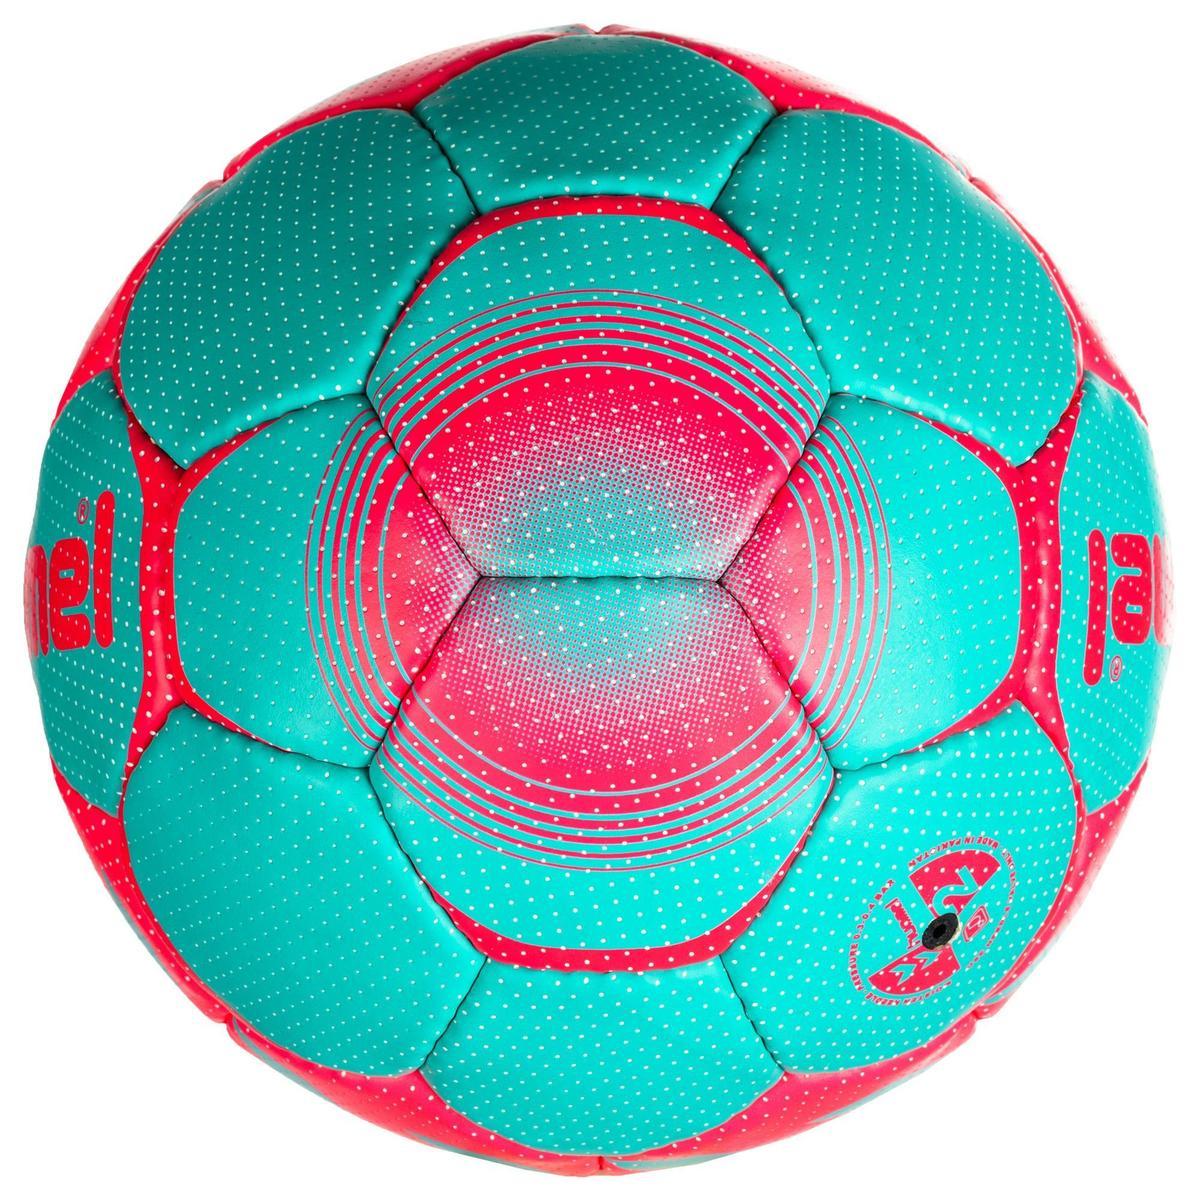 Bild 2 von Handball Damen Größe 2 blau/türkis/pink